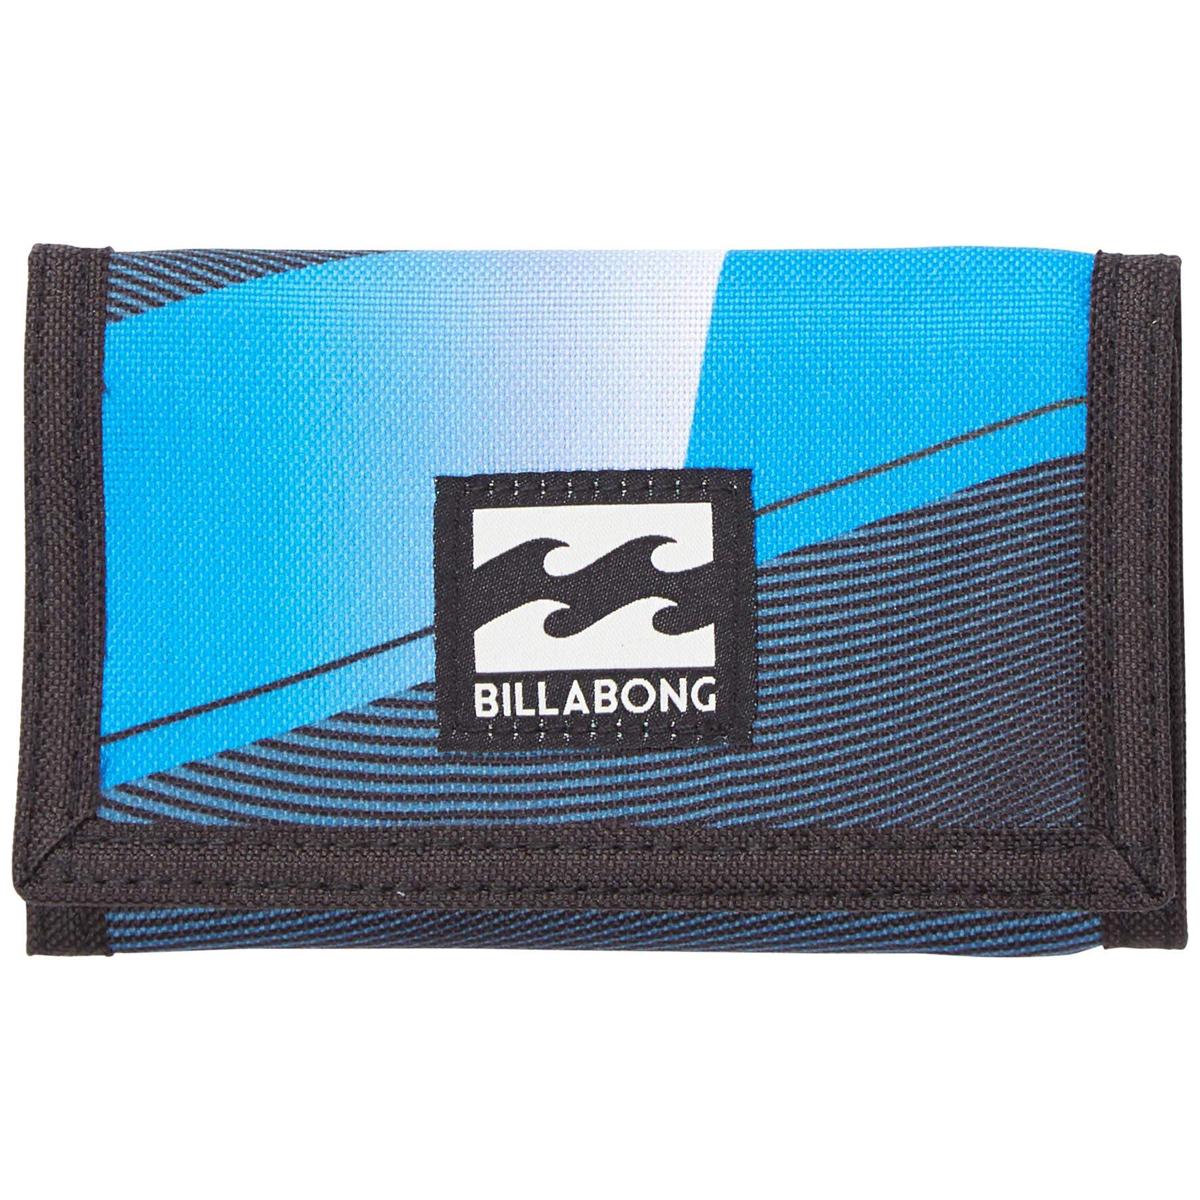 Кошелек дорожный Billabong Atom Wallet, цвет: зеленовато-голубой, 1 л. Z5WL02Z5WL02Классический тряпичный кошелек с новыми расцветками от Billabong.